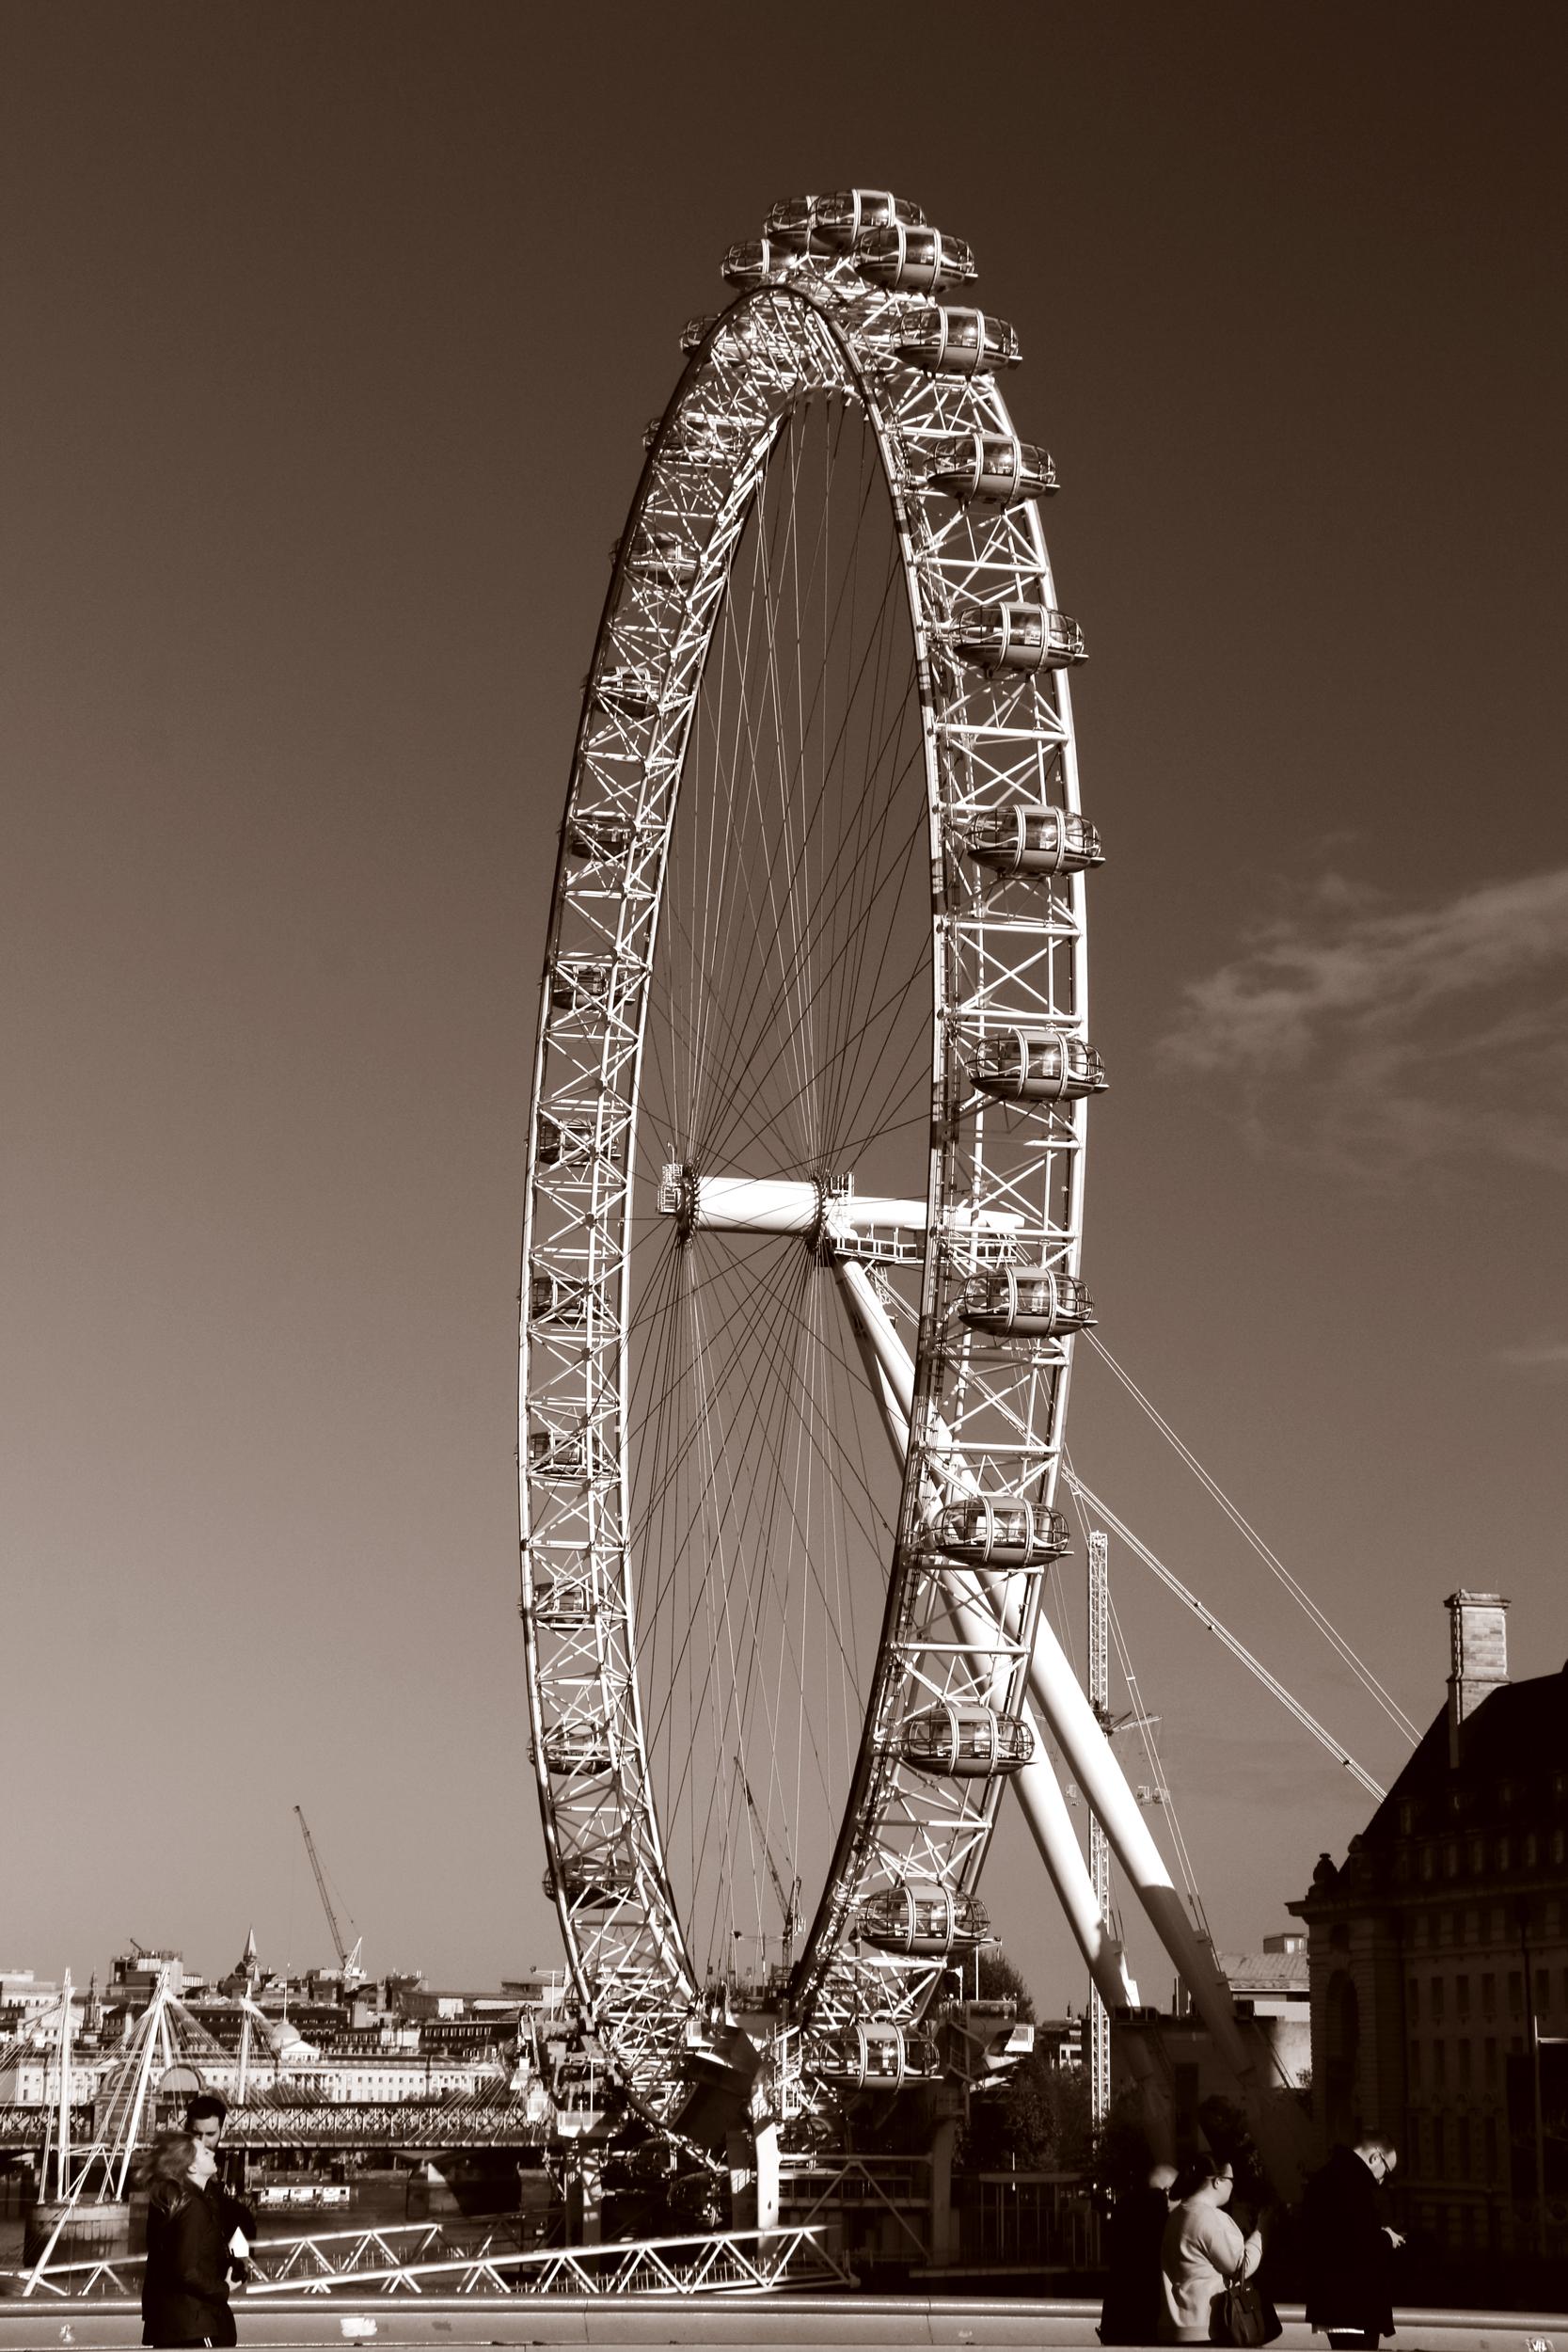 Londoneye_web.jpg